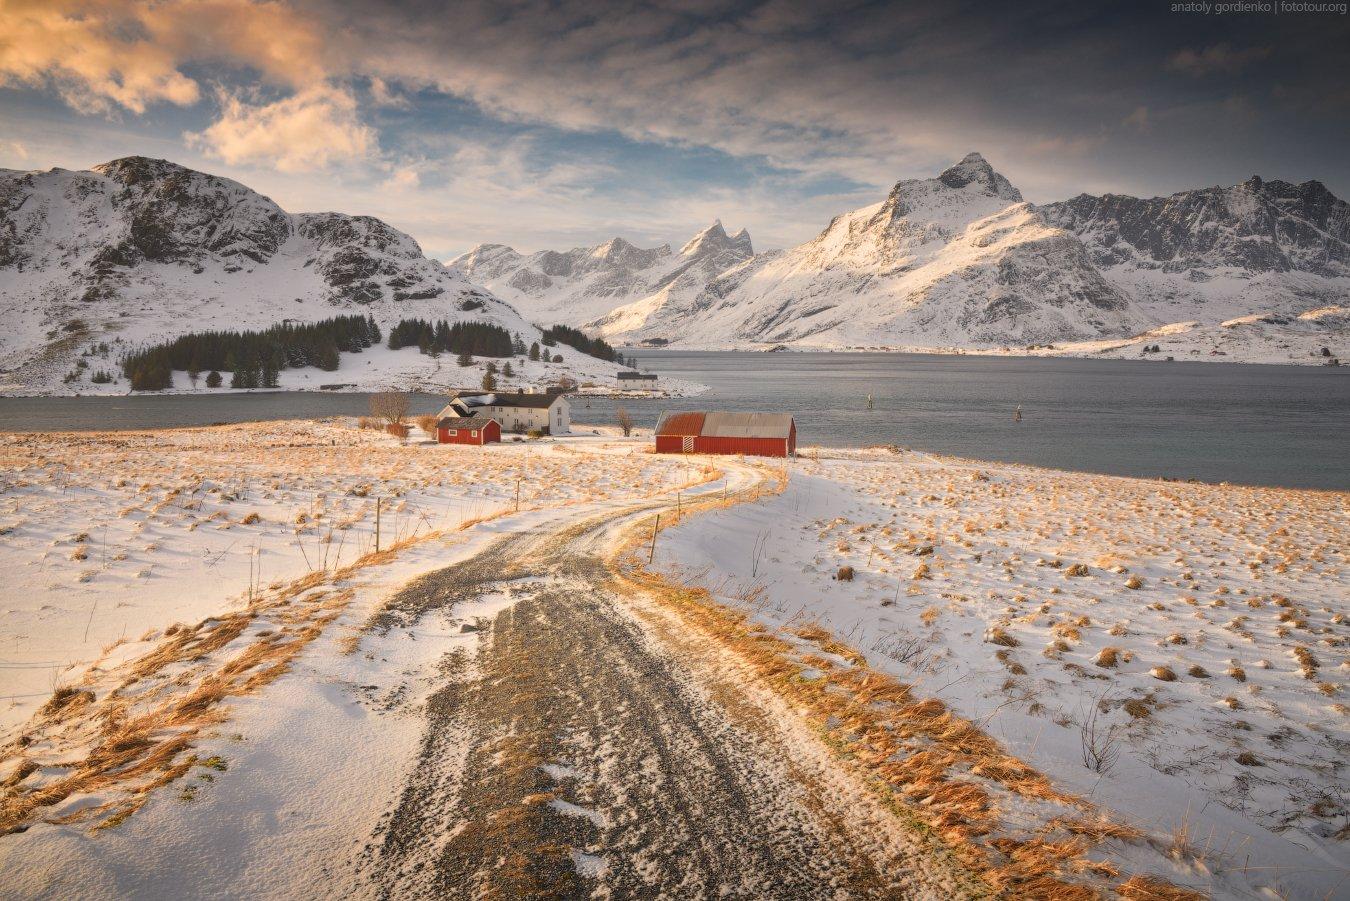 пейзаж, природа, норвегия, зима, лофотены, Анатолий Гордиенко www.fototour.org